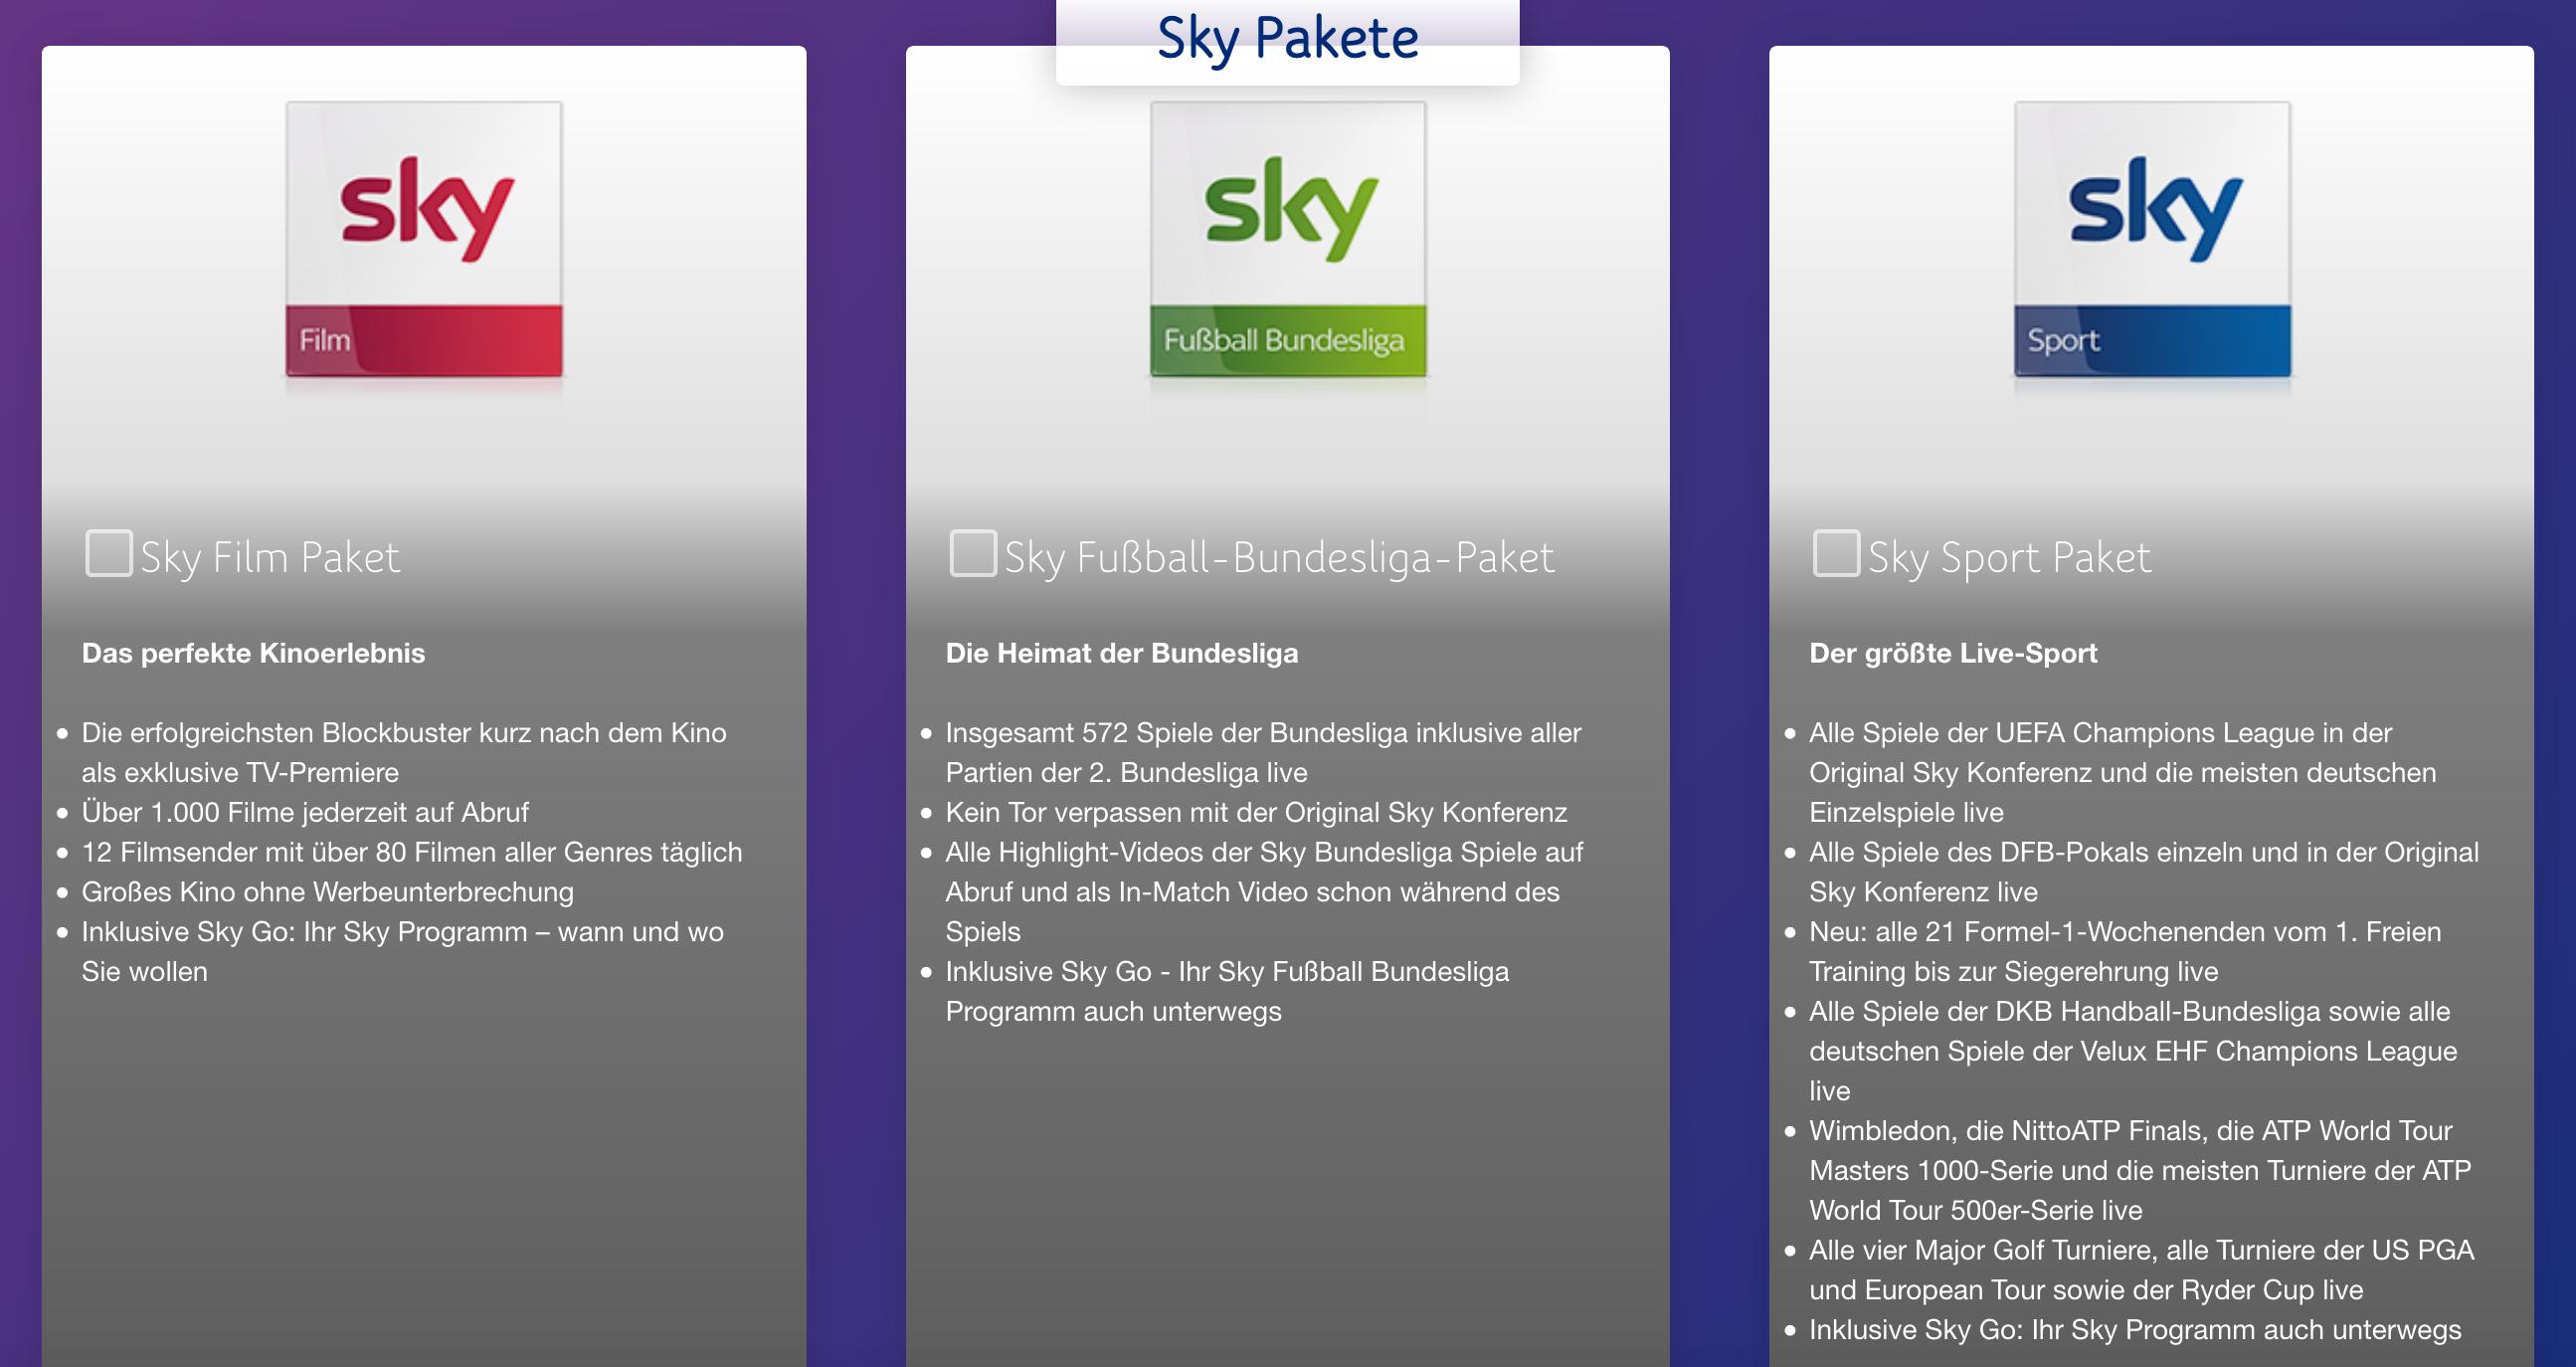 Wähle auf der Unitymedia Sky-Seite dein gewünschtes Sky Paket - oder kombiniere